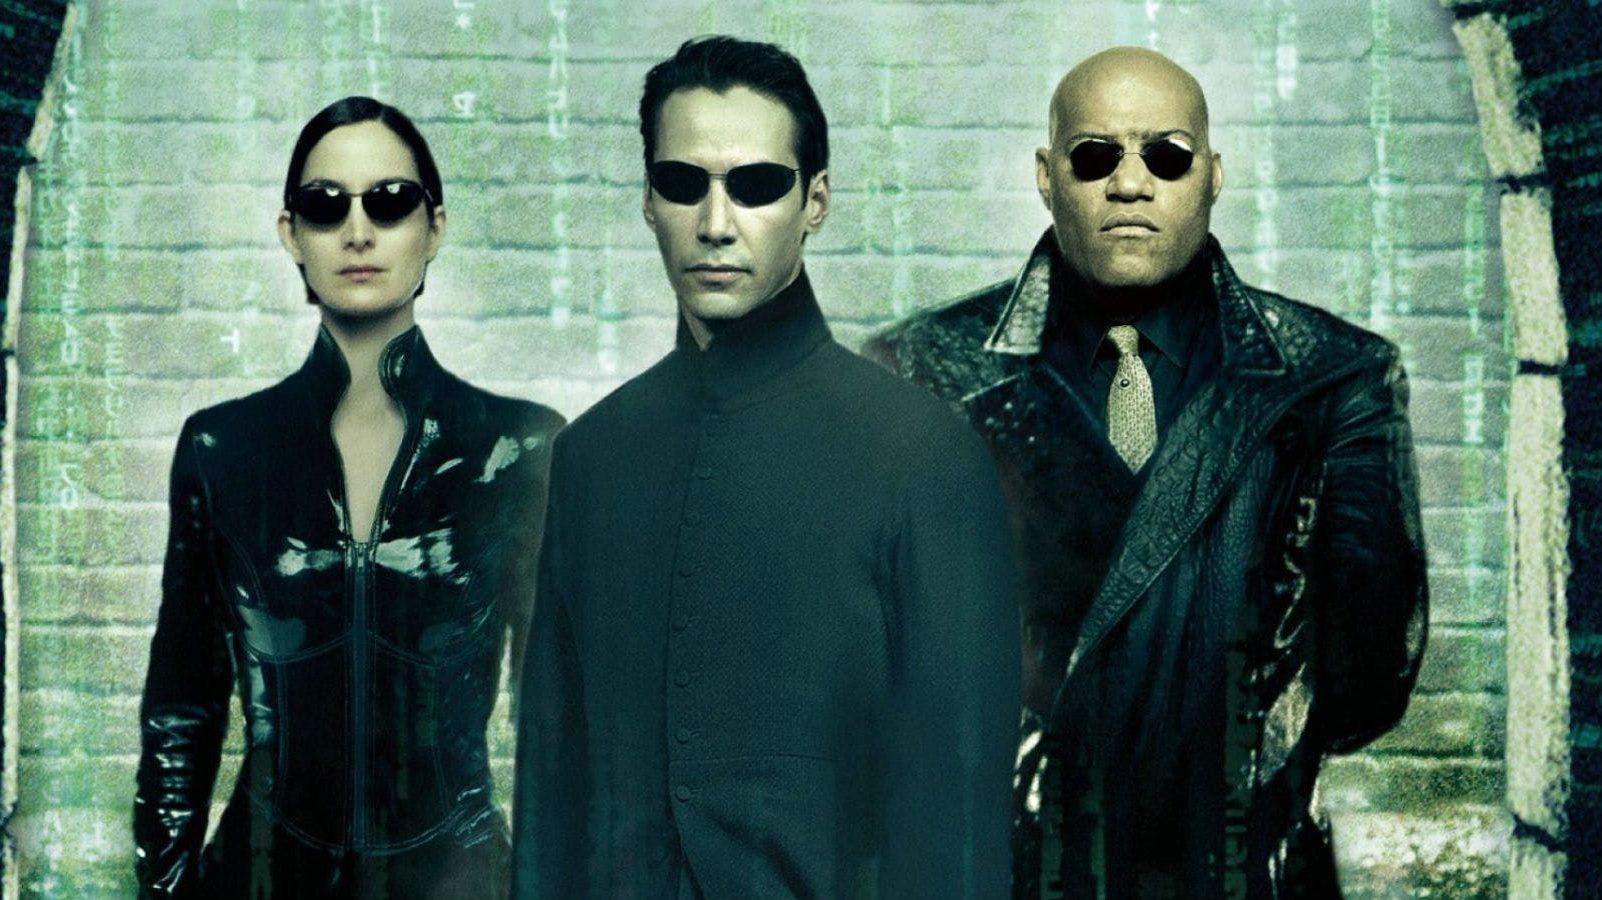 Nos 20 anos de Matrix, cinema recoloca o filme em cartaz